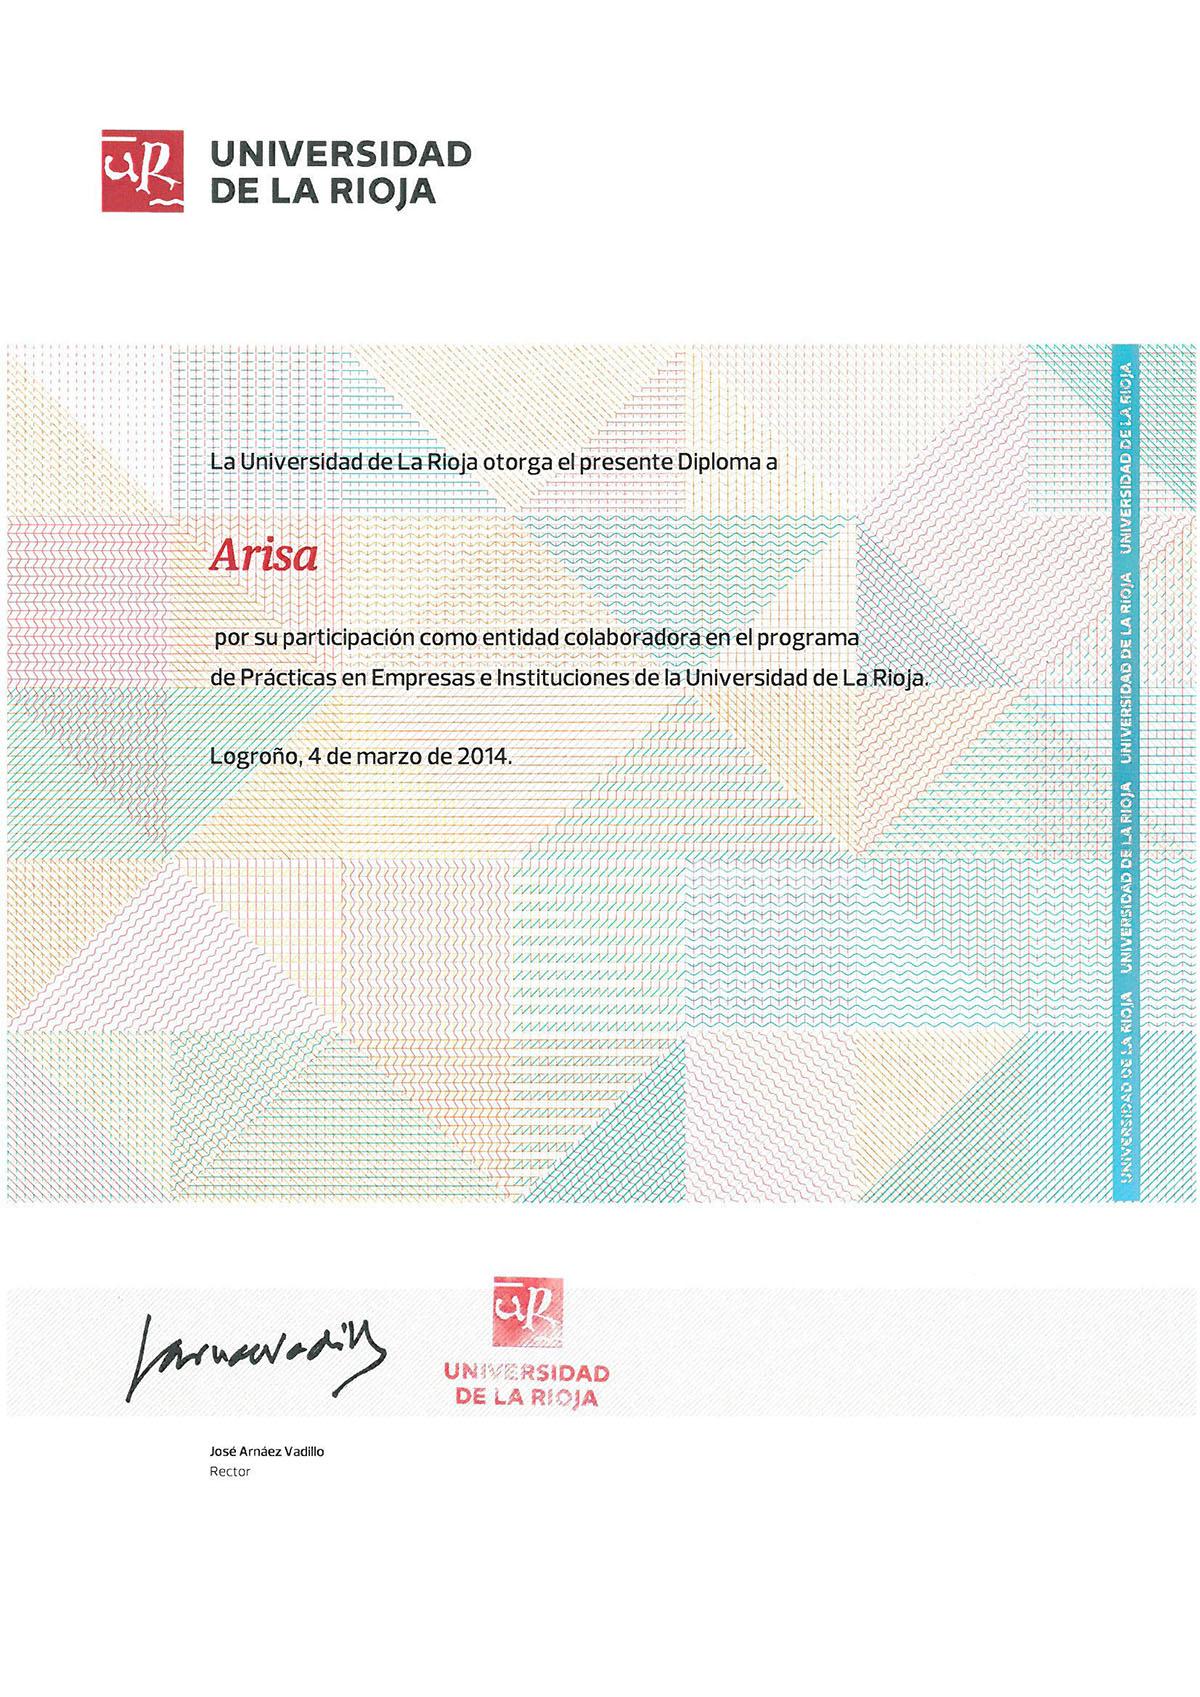 Diploma ARISA_uni la rioja_1